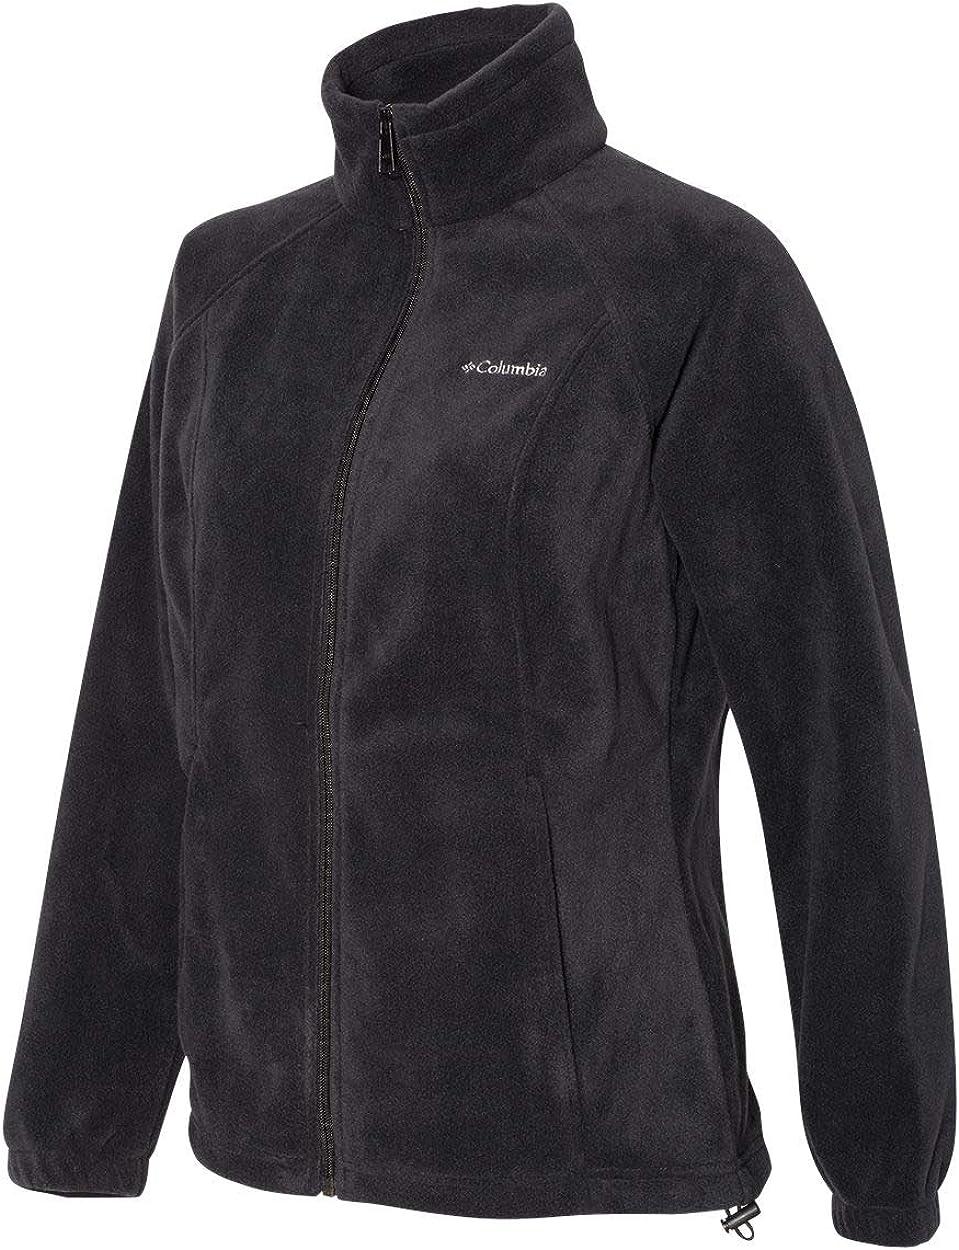 Columbia 6439 Benton Springs Full-Zip Jacket MED Black